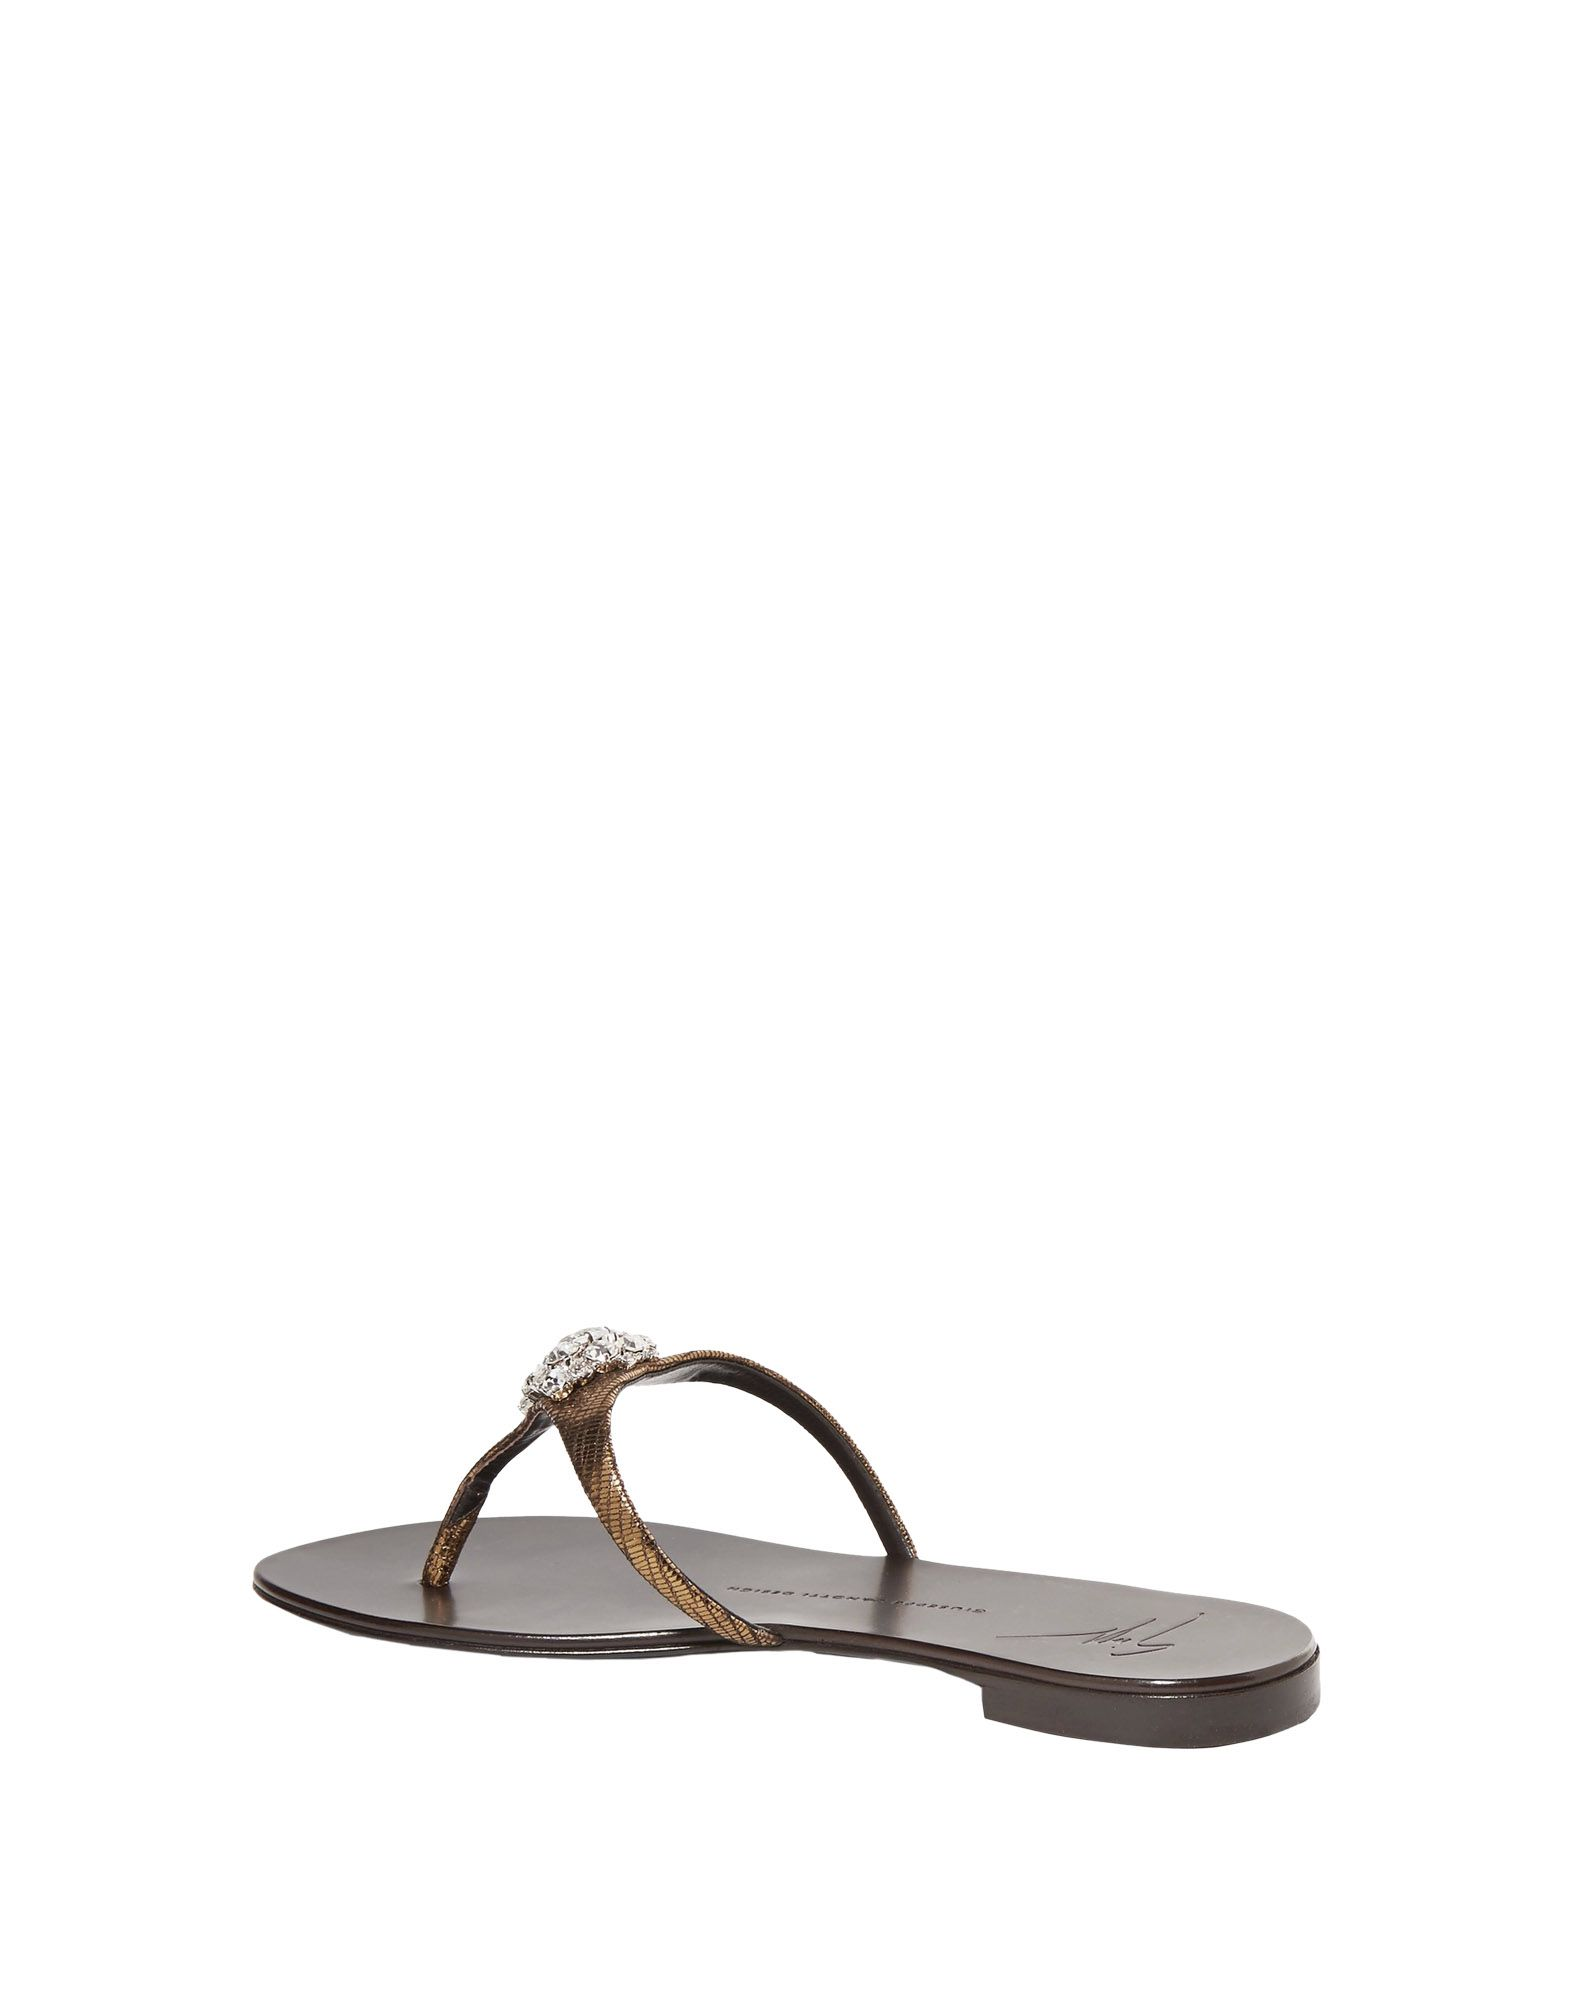 Giuseppe Zanotti Dianetten Damen Schuhe  11524180IJGünstige gut aussehende Schuhe Damen a80d3a